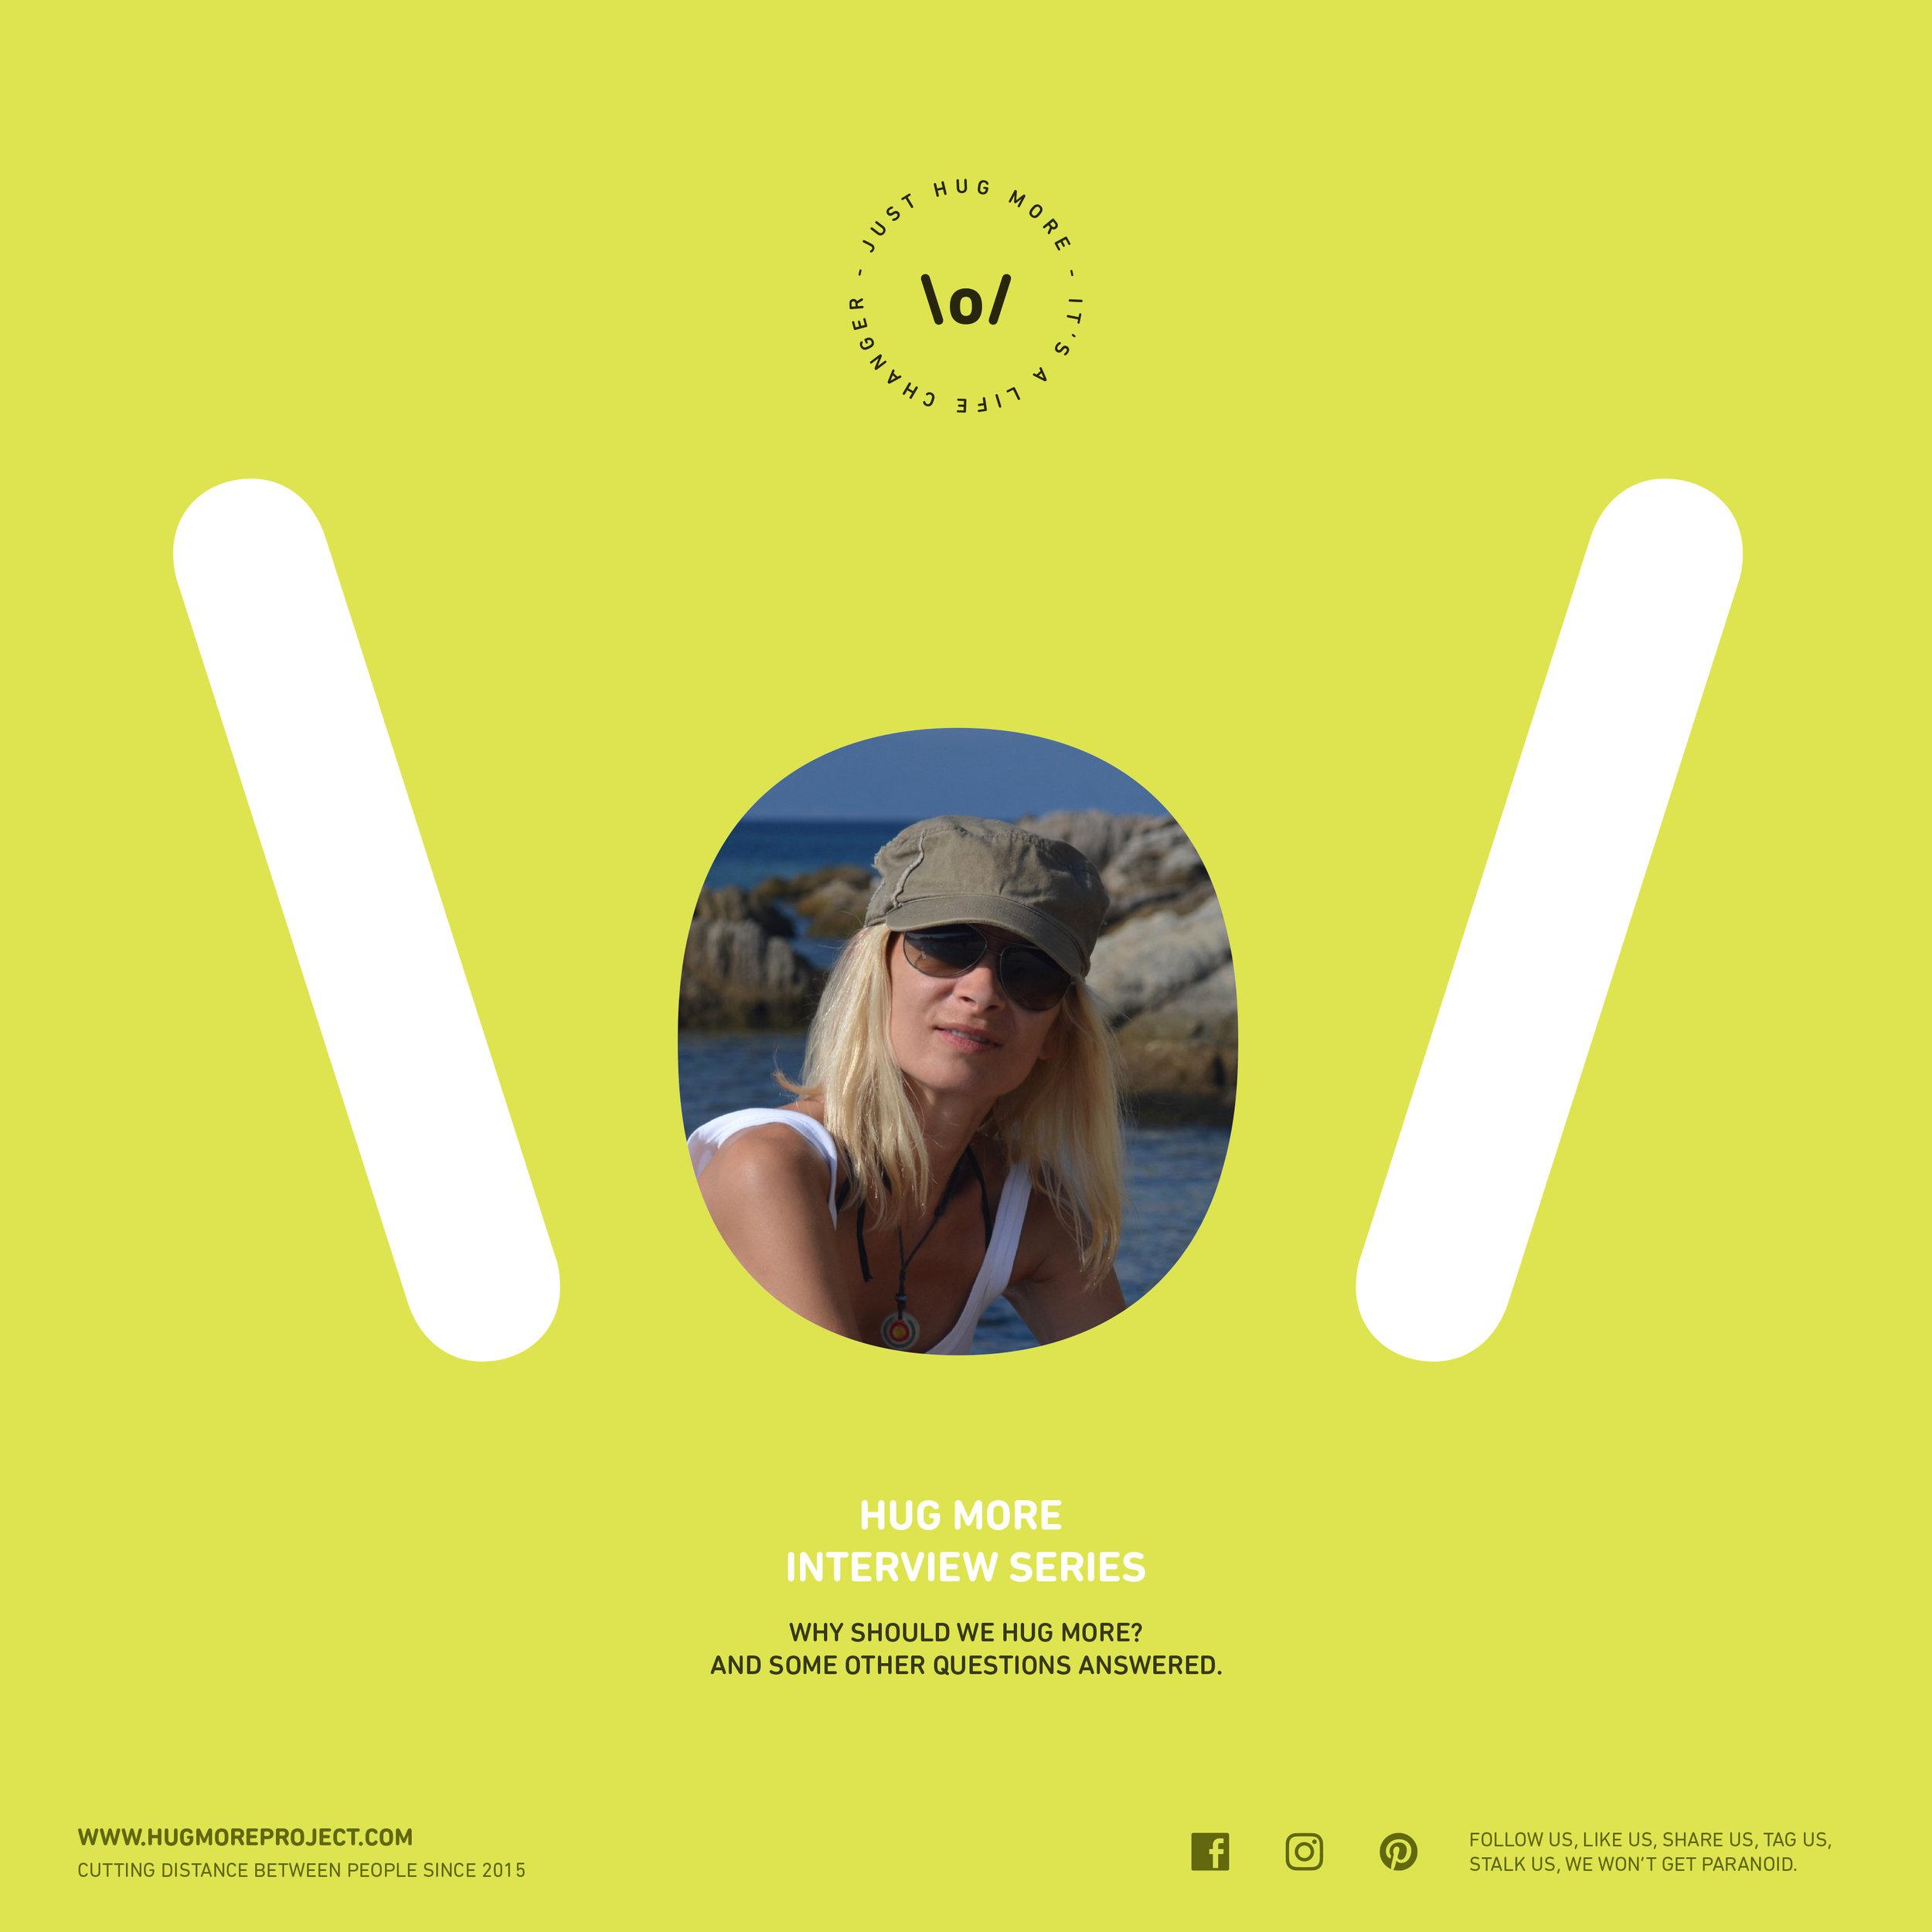 HUG-MORE-interview-024-Sonja_Hadzi_Nesic.jpg